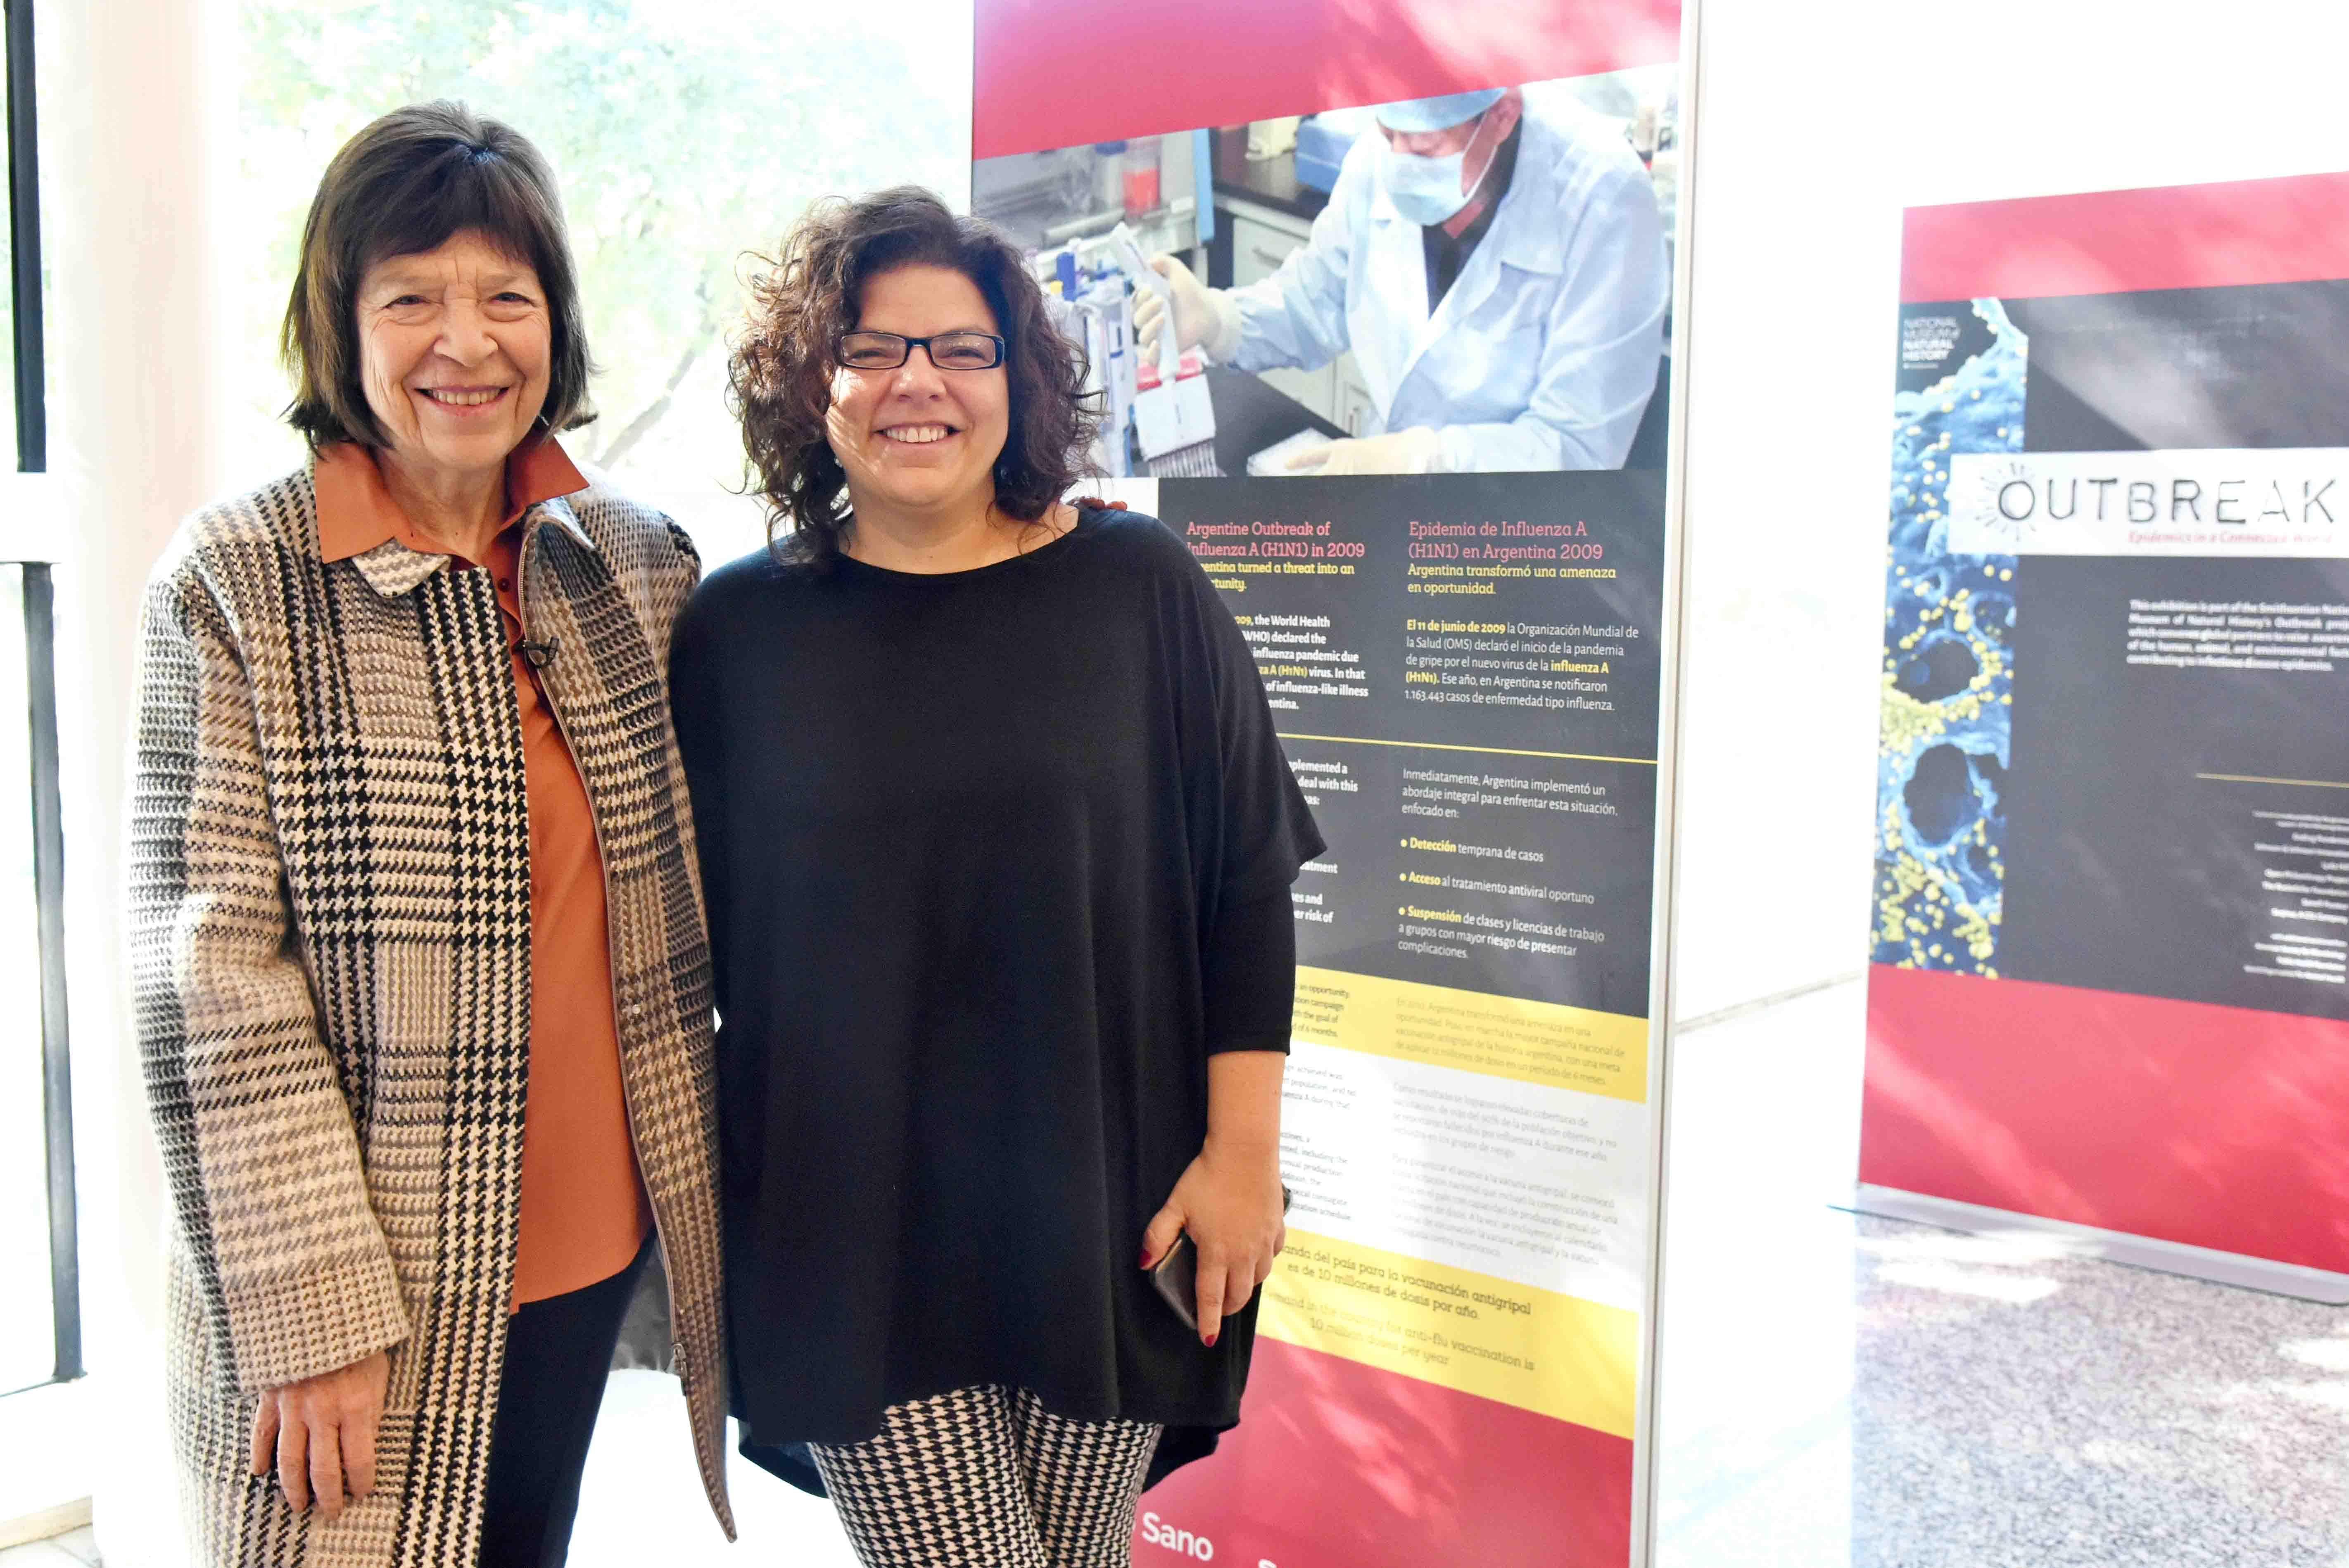 Silvia Gold, presidenta de la Fundación Mundo Sano y Carla  Vizzotti, presidenta de la Sociedad Argentina de Vacunología y Epidemiología